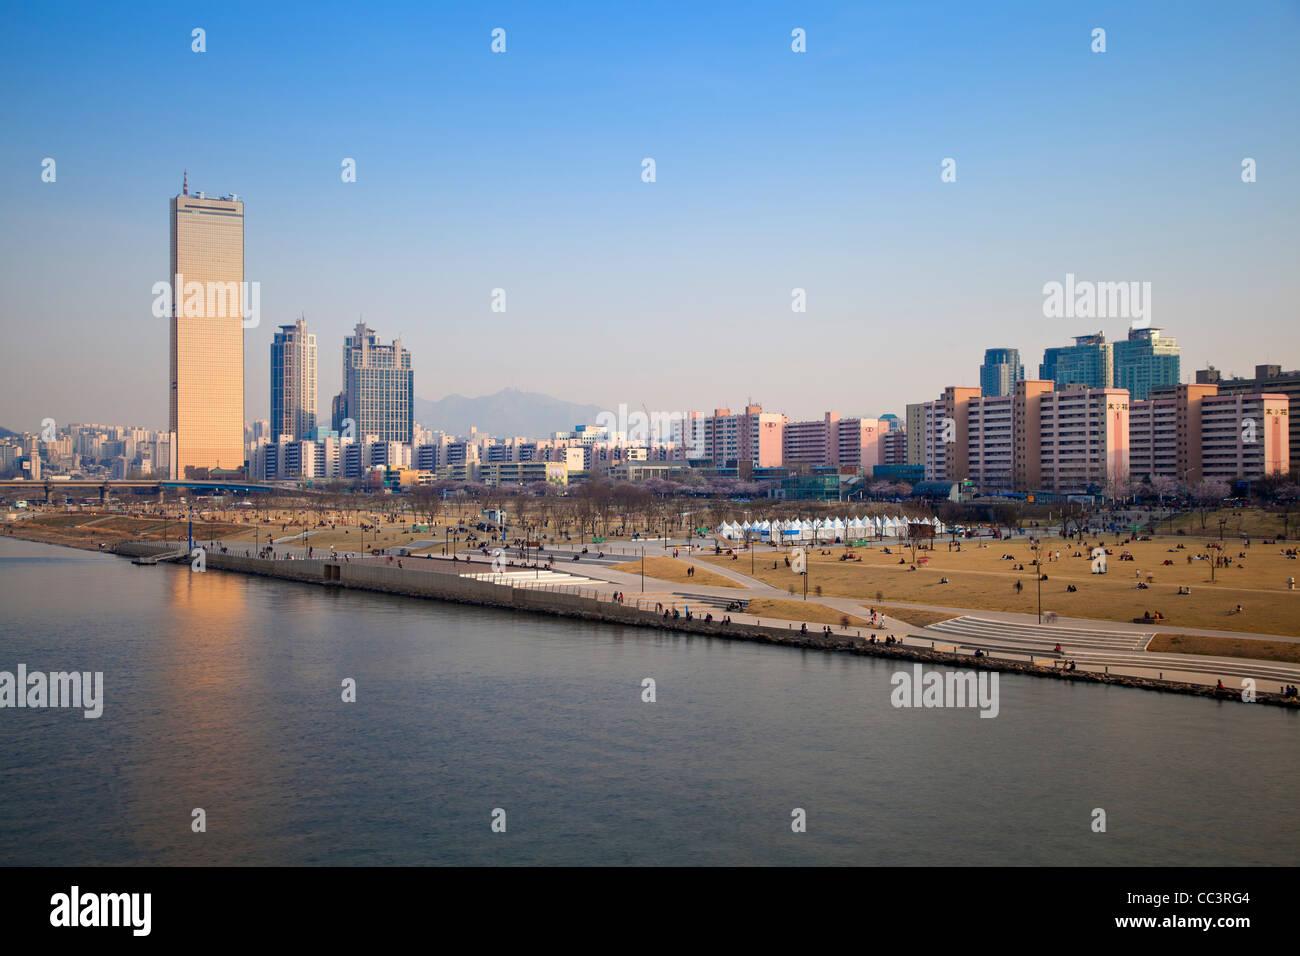 Corea, Seoul, Yeouido, 63 Building - uno dei Seouls più famosi punti di riferimento, sulle rive del fiume Hangang Immagini Stock